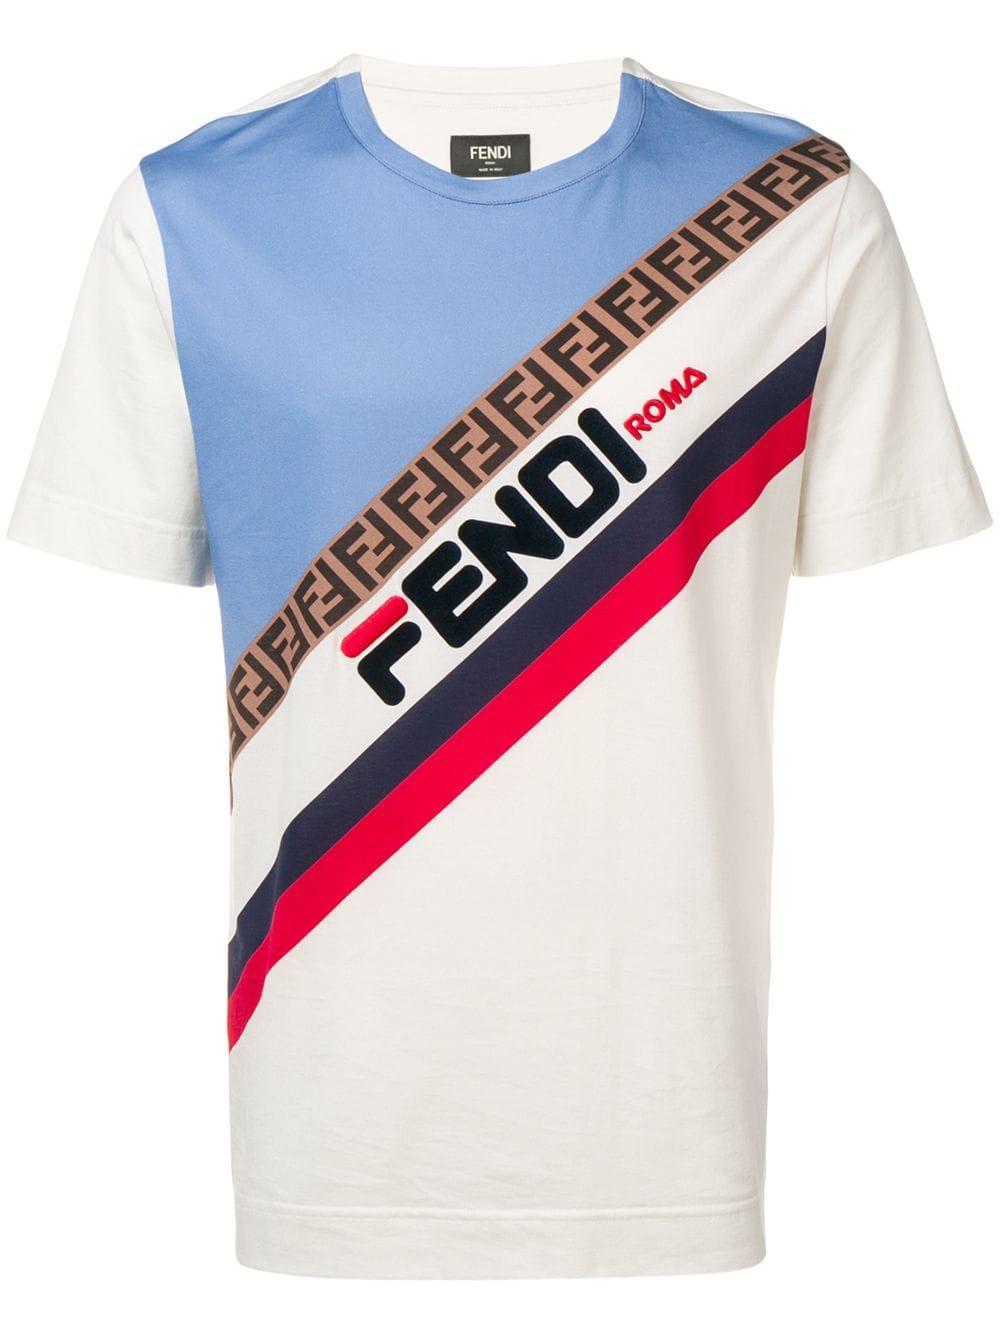 09f6b1e45040 Camiseta con logo estampado Fendi de hombre de color Multicolor. Ver en  pantalla completa